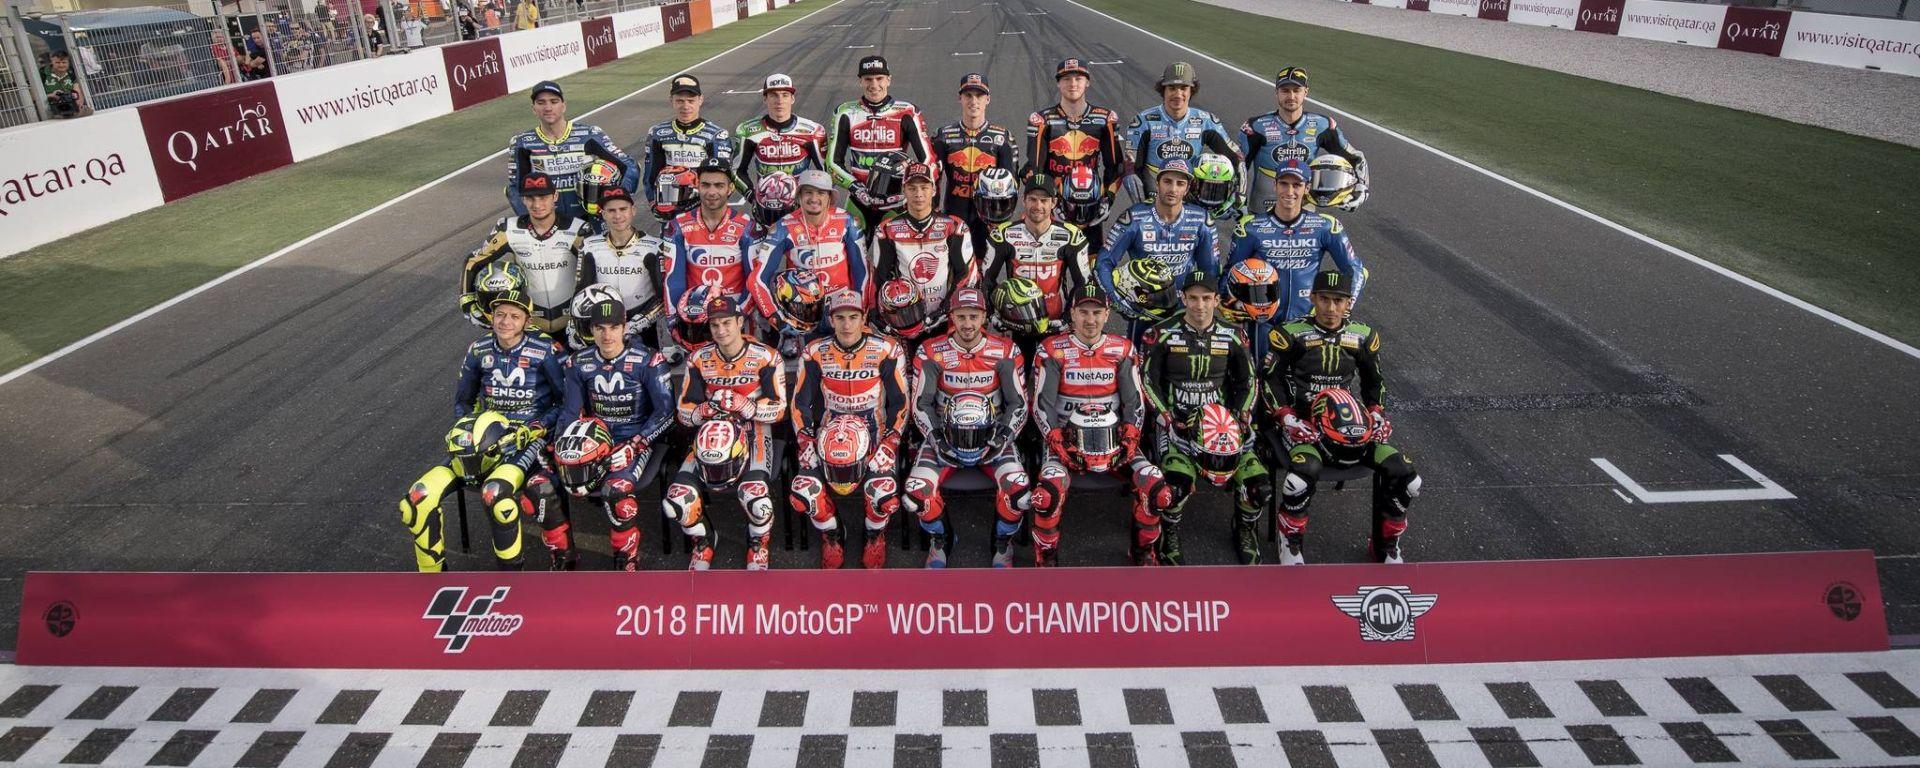 Calendario MotoGp 2018: tutti i circuiti, le date e i risultati